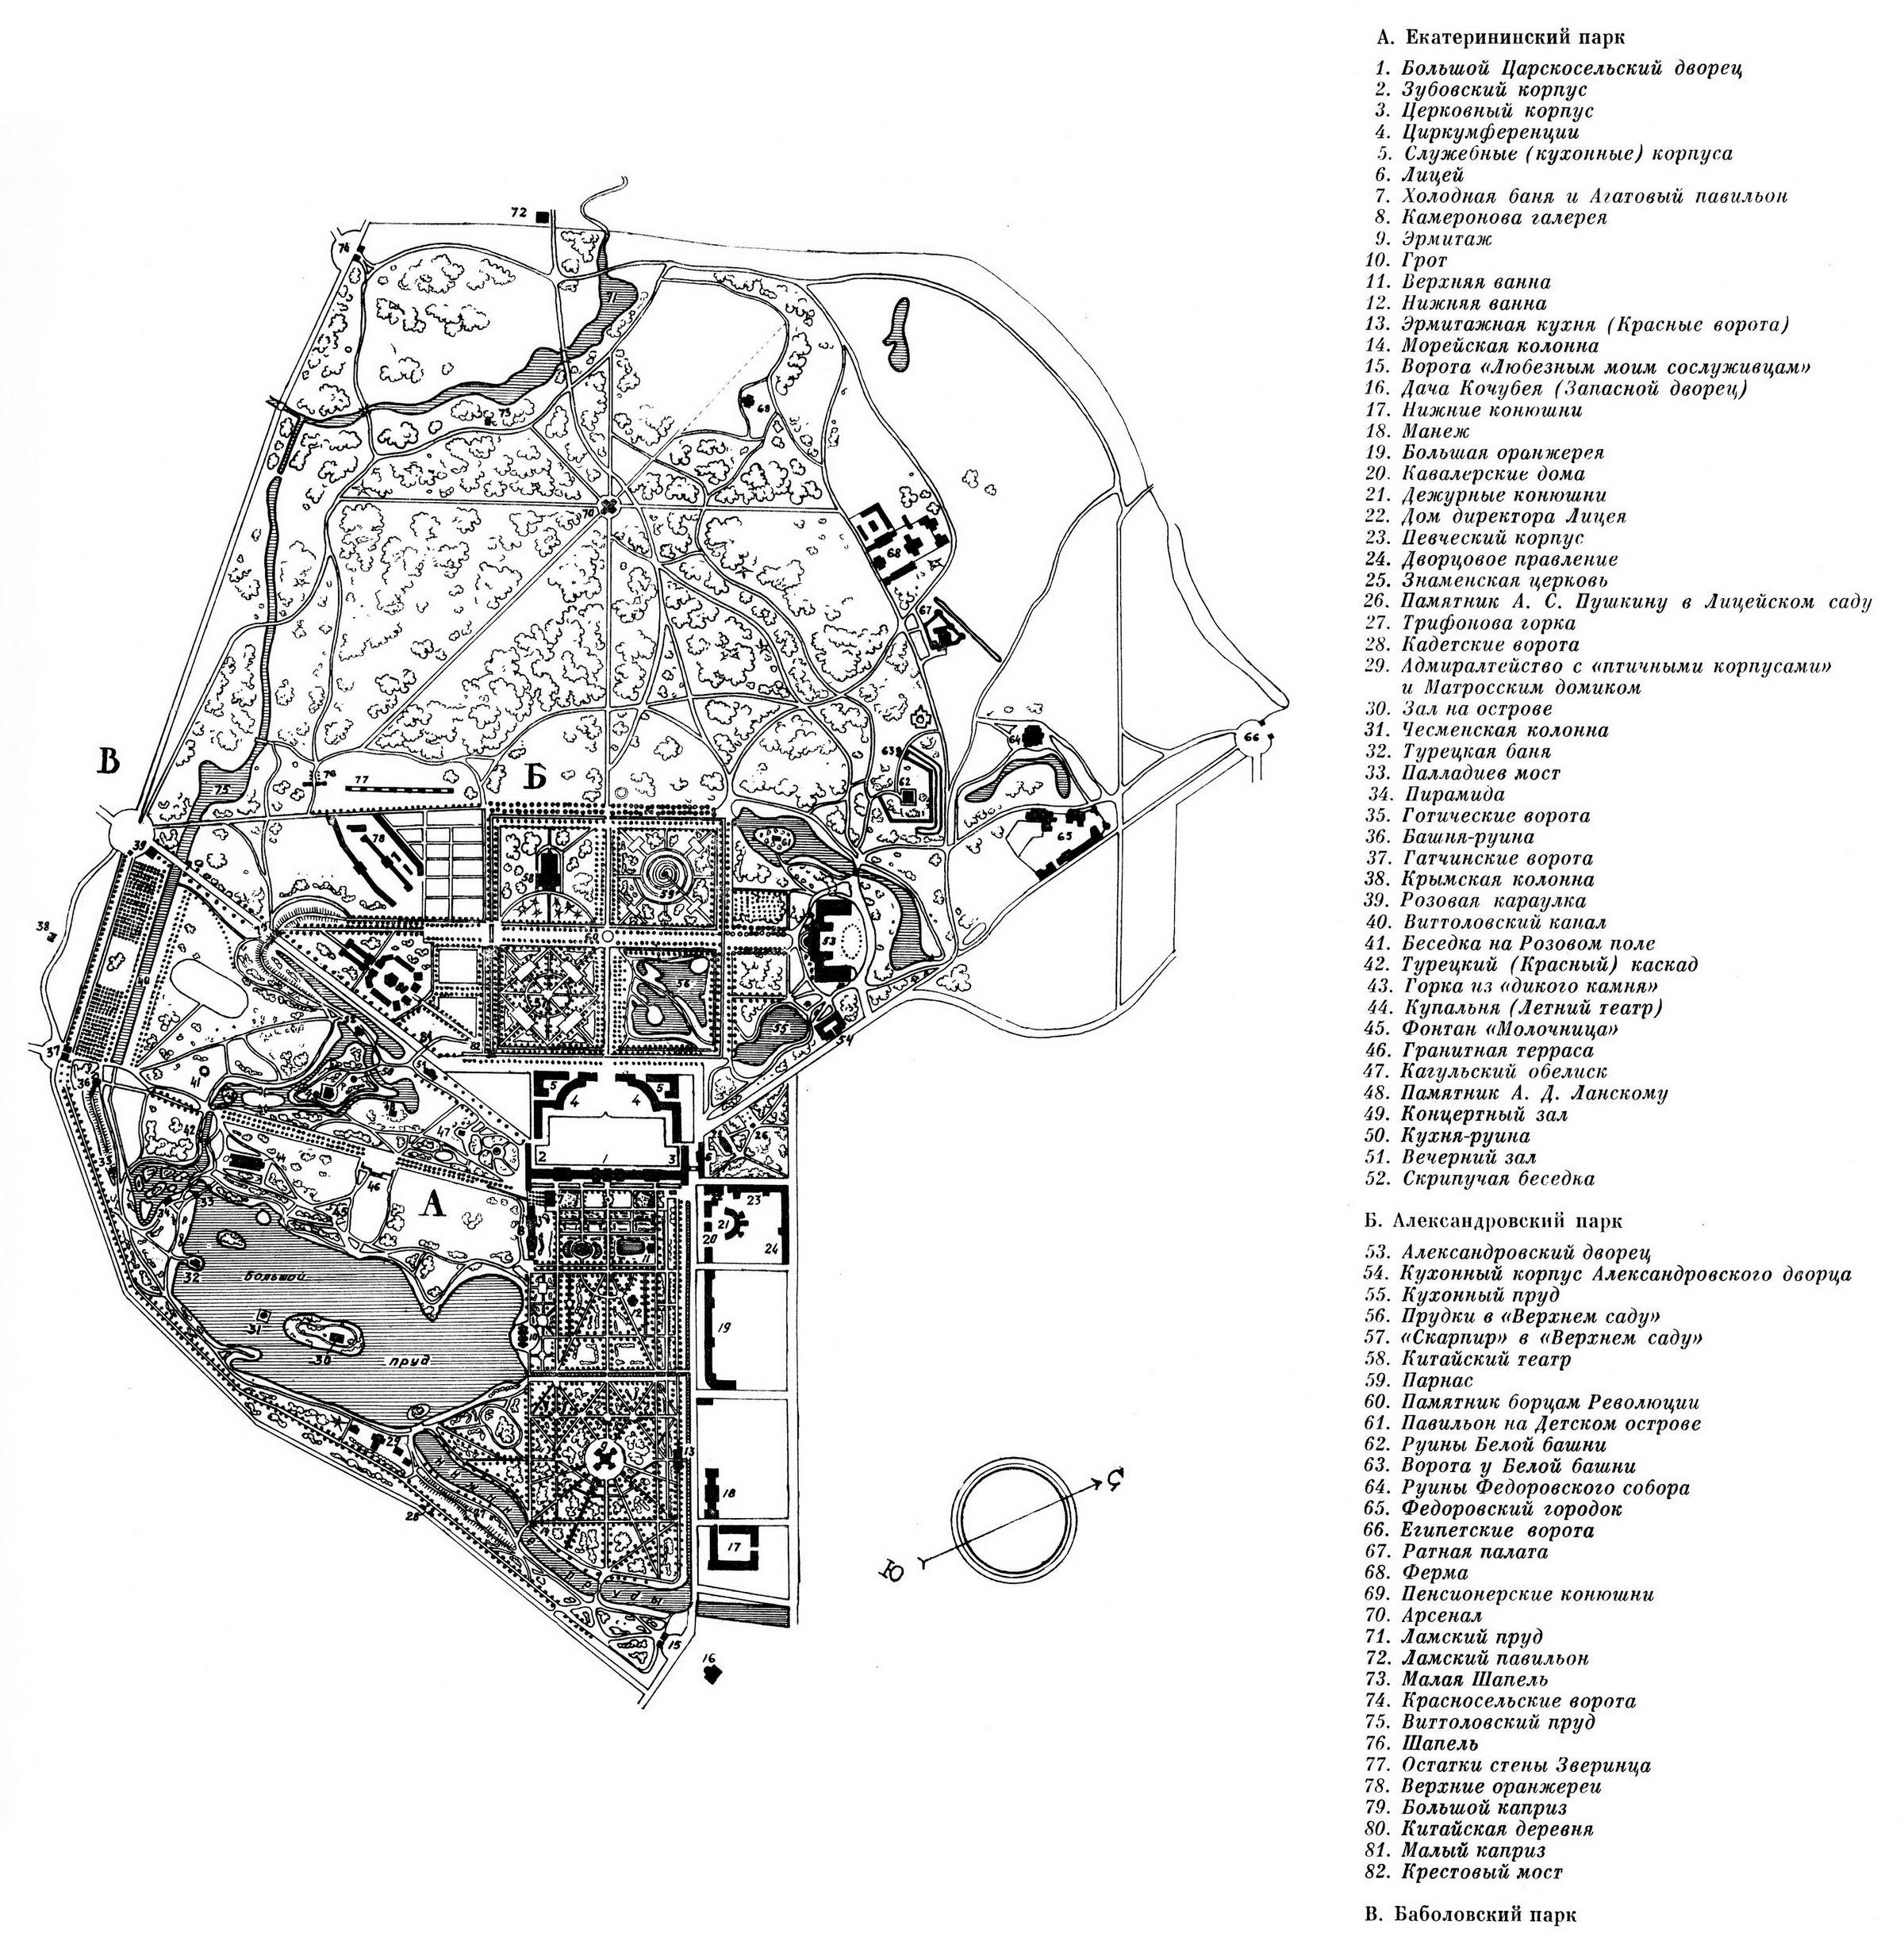 Схема екатерининского дворца пушкин